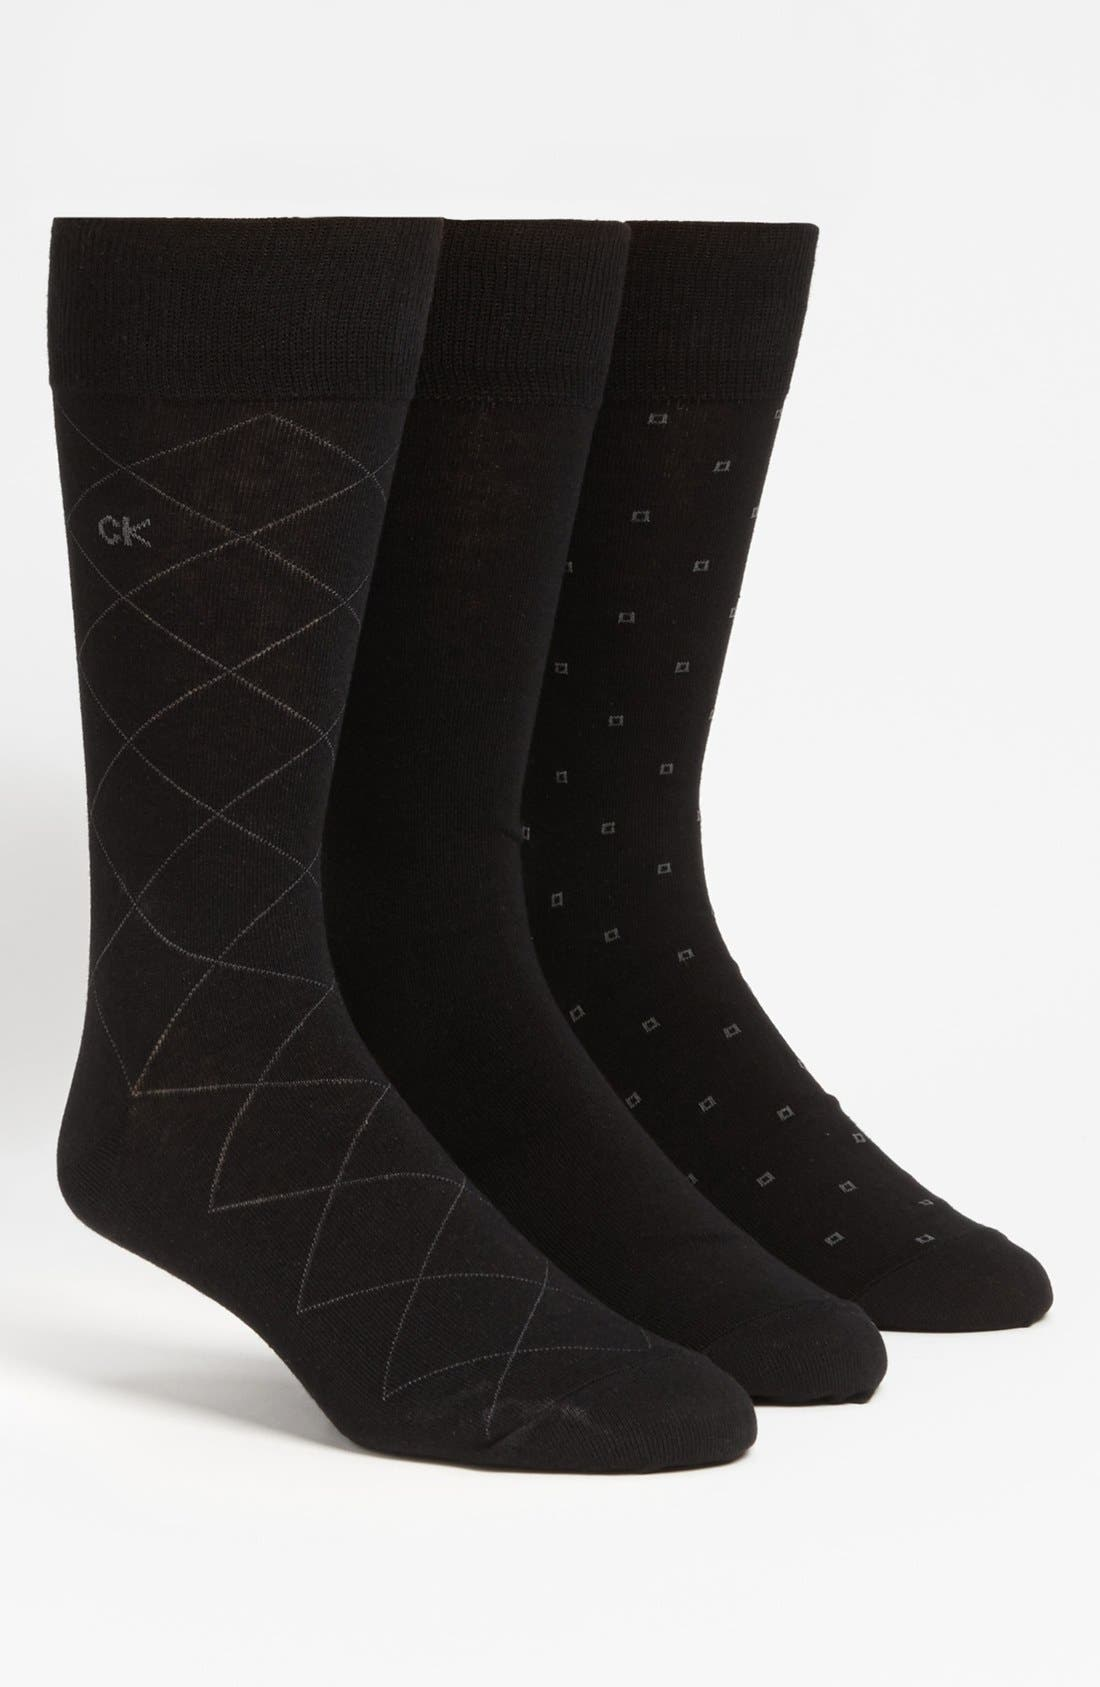 CALVIN KLEIN 3-Pack Patterned Socks, Main, color, BLACK